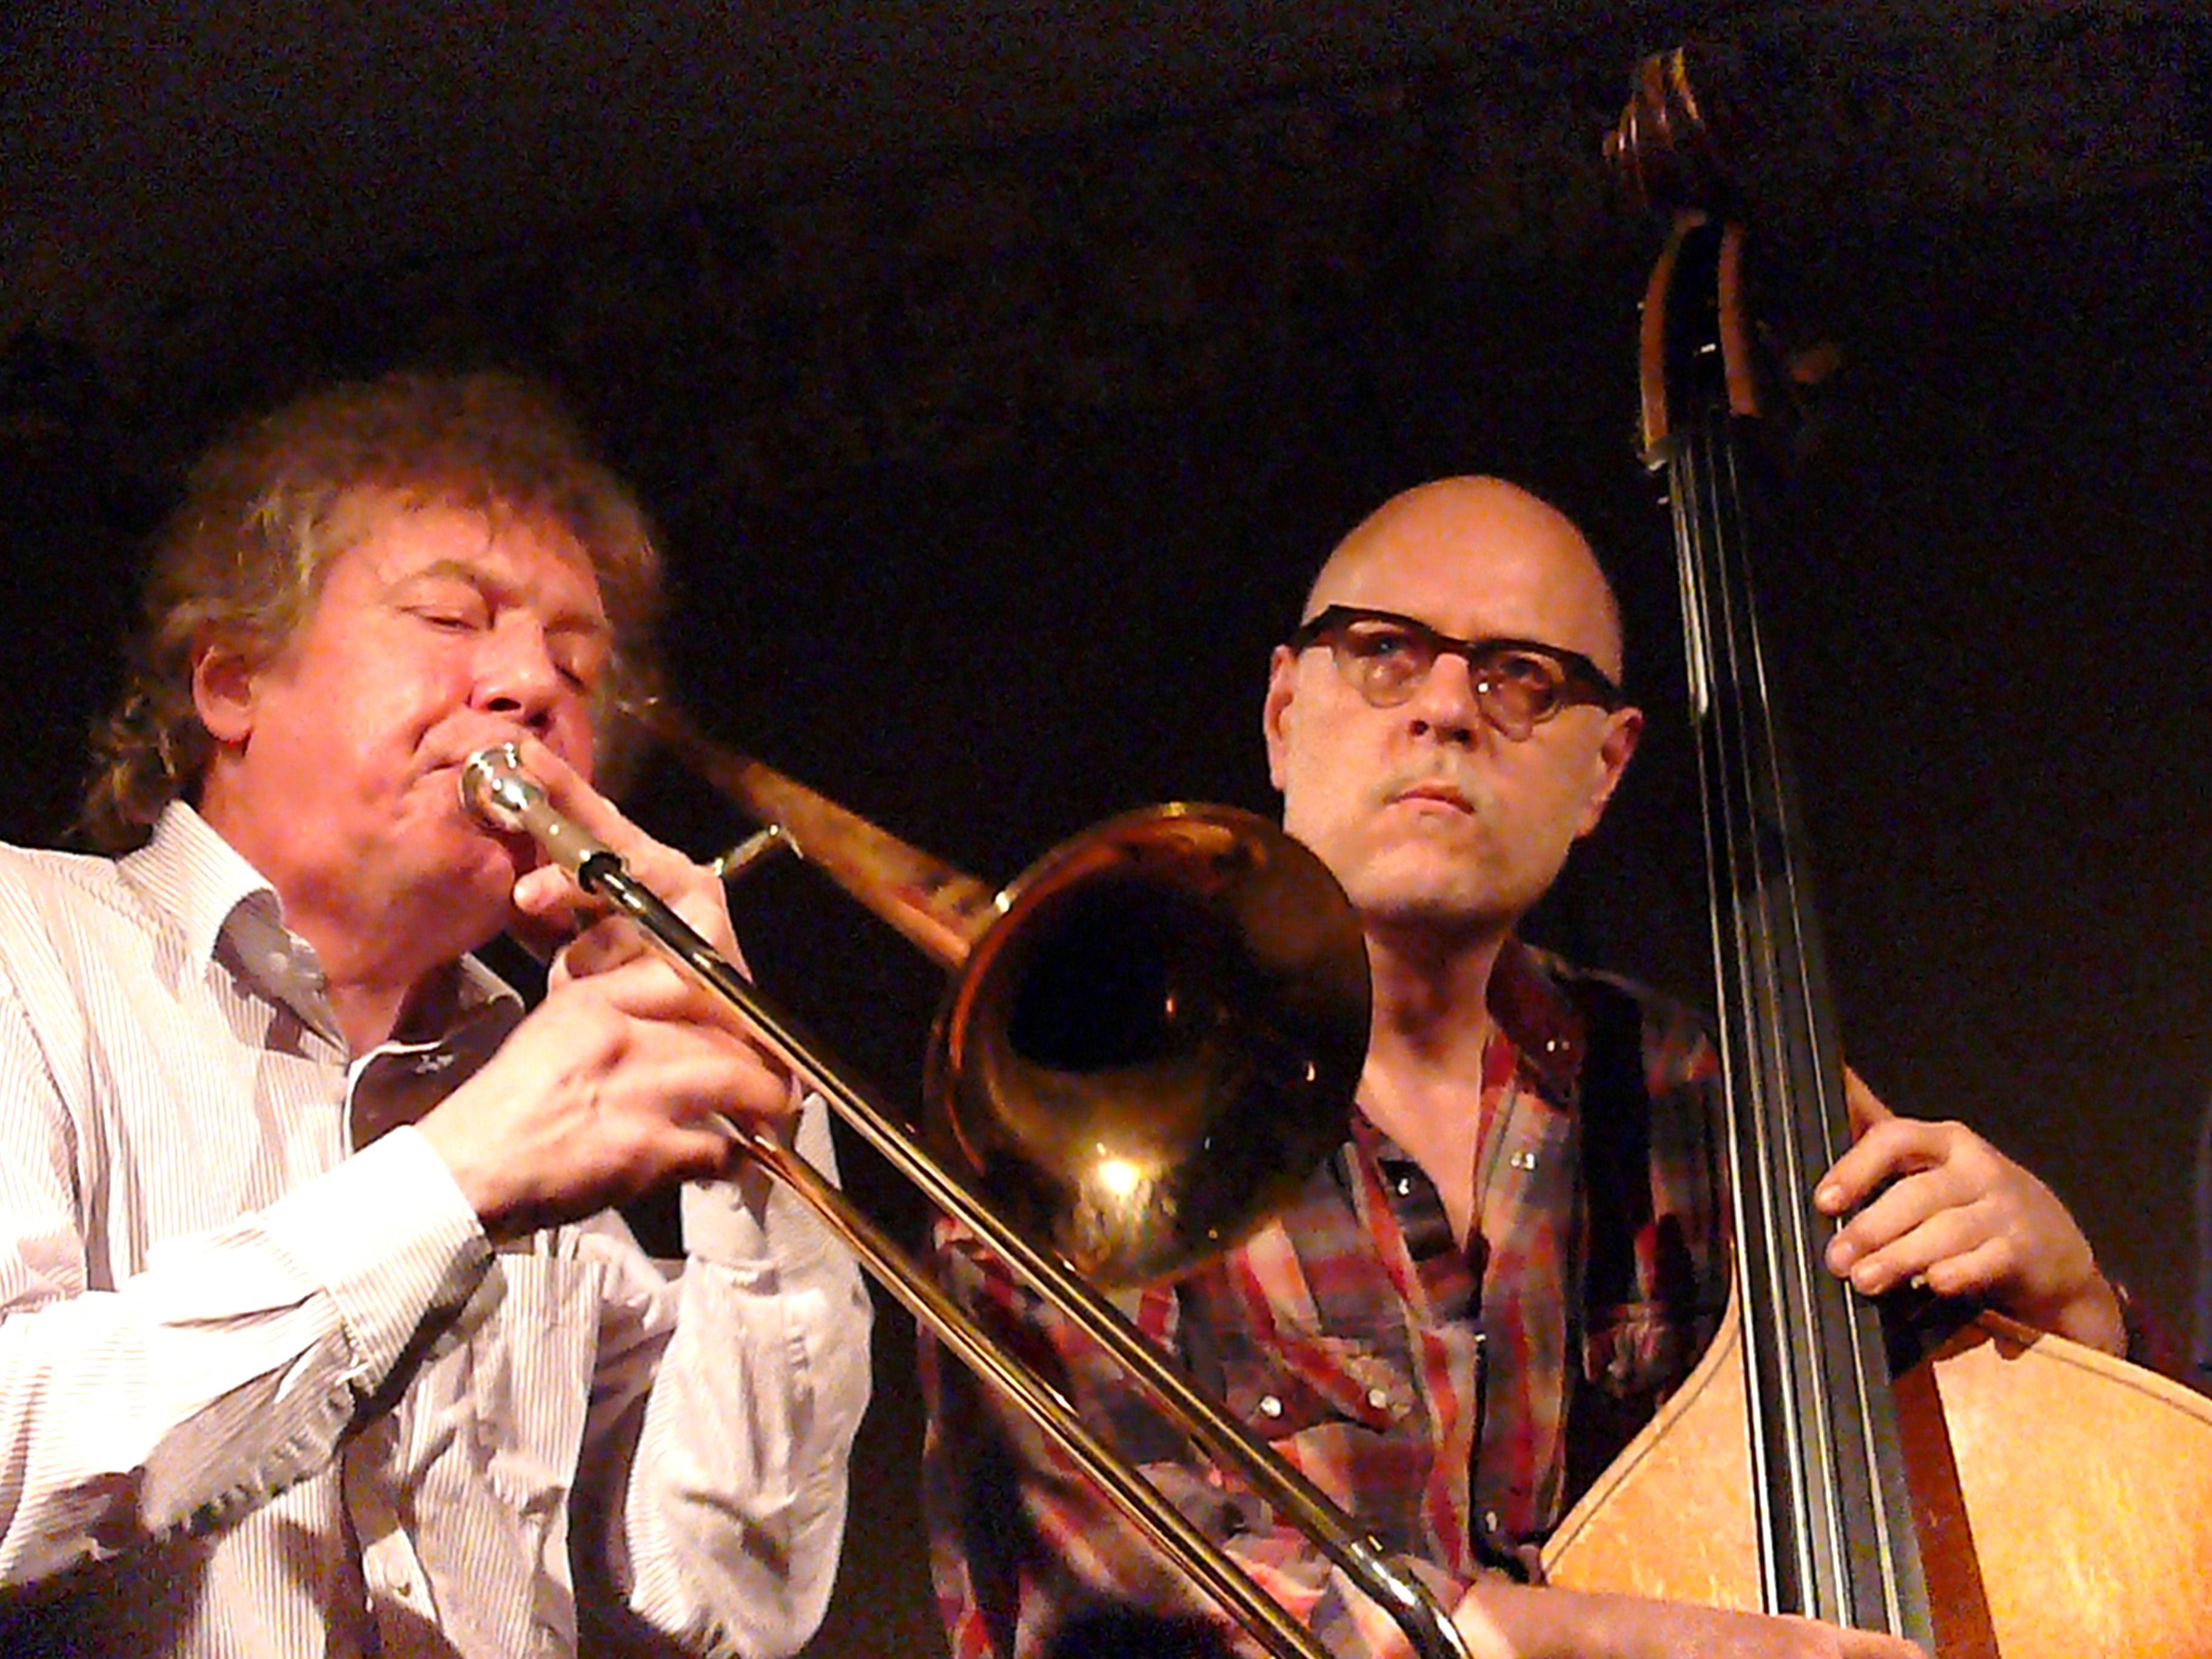 Johannes Bauer and Kent Kessler at Cafe Oto, London